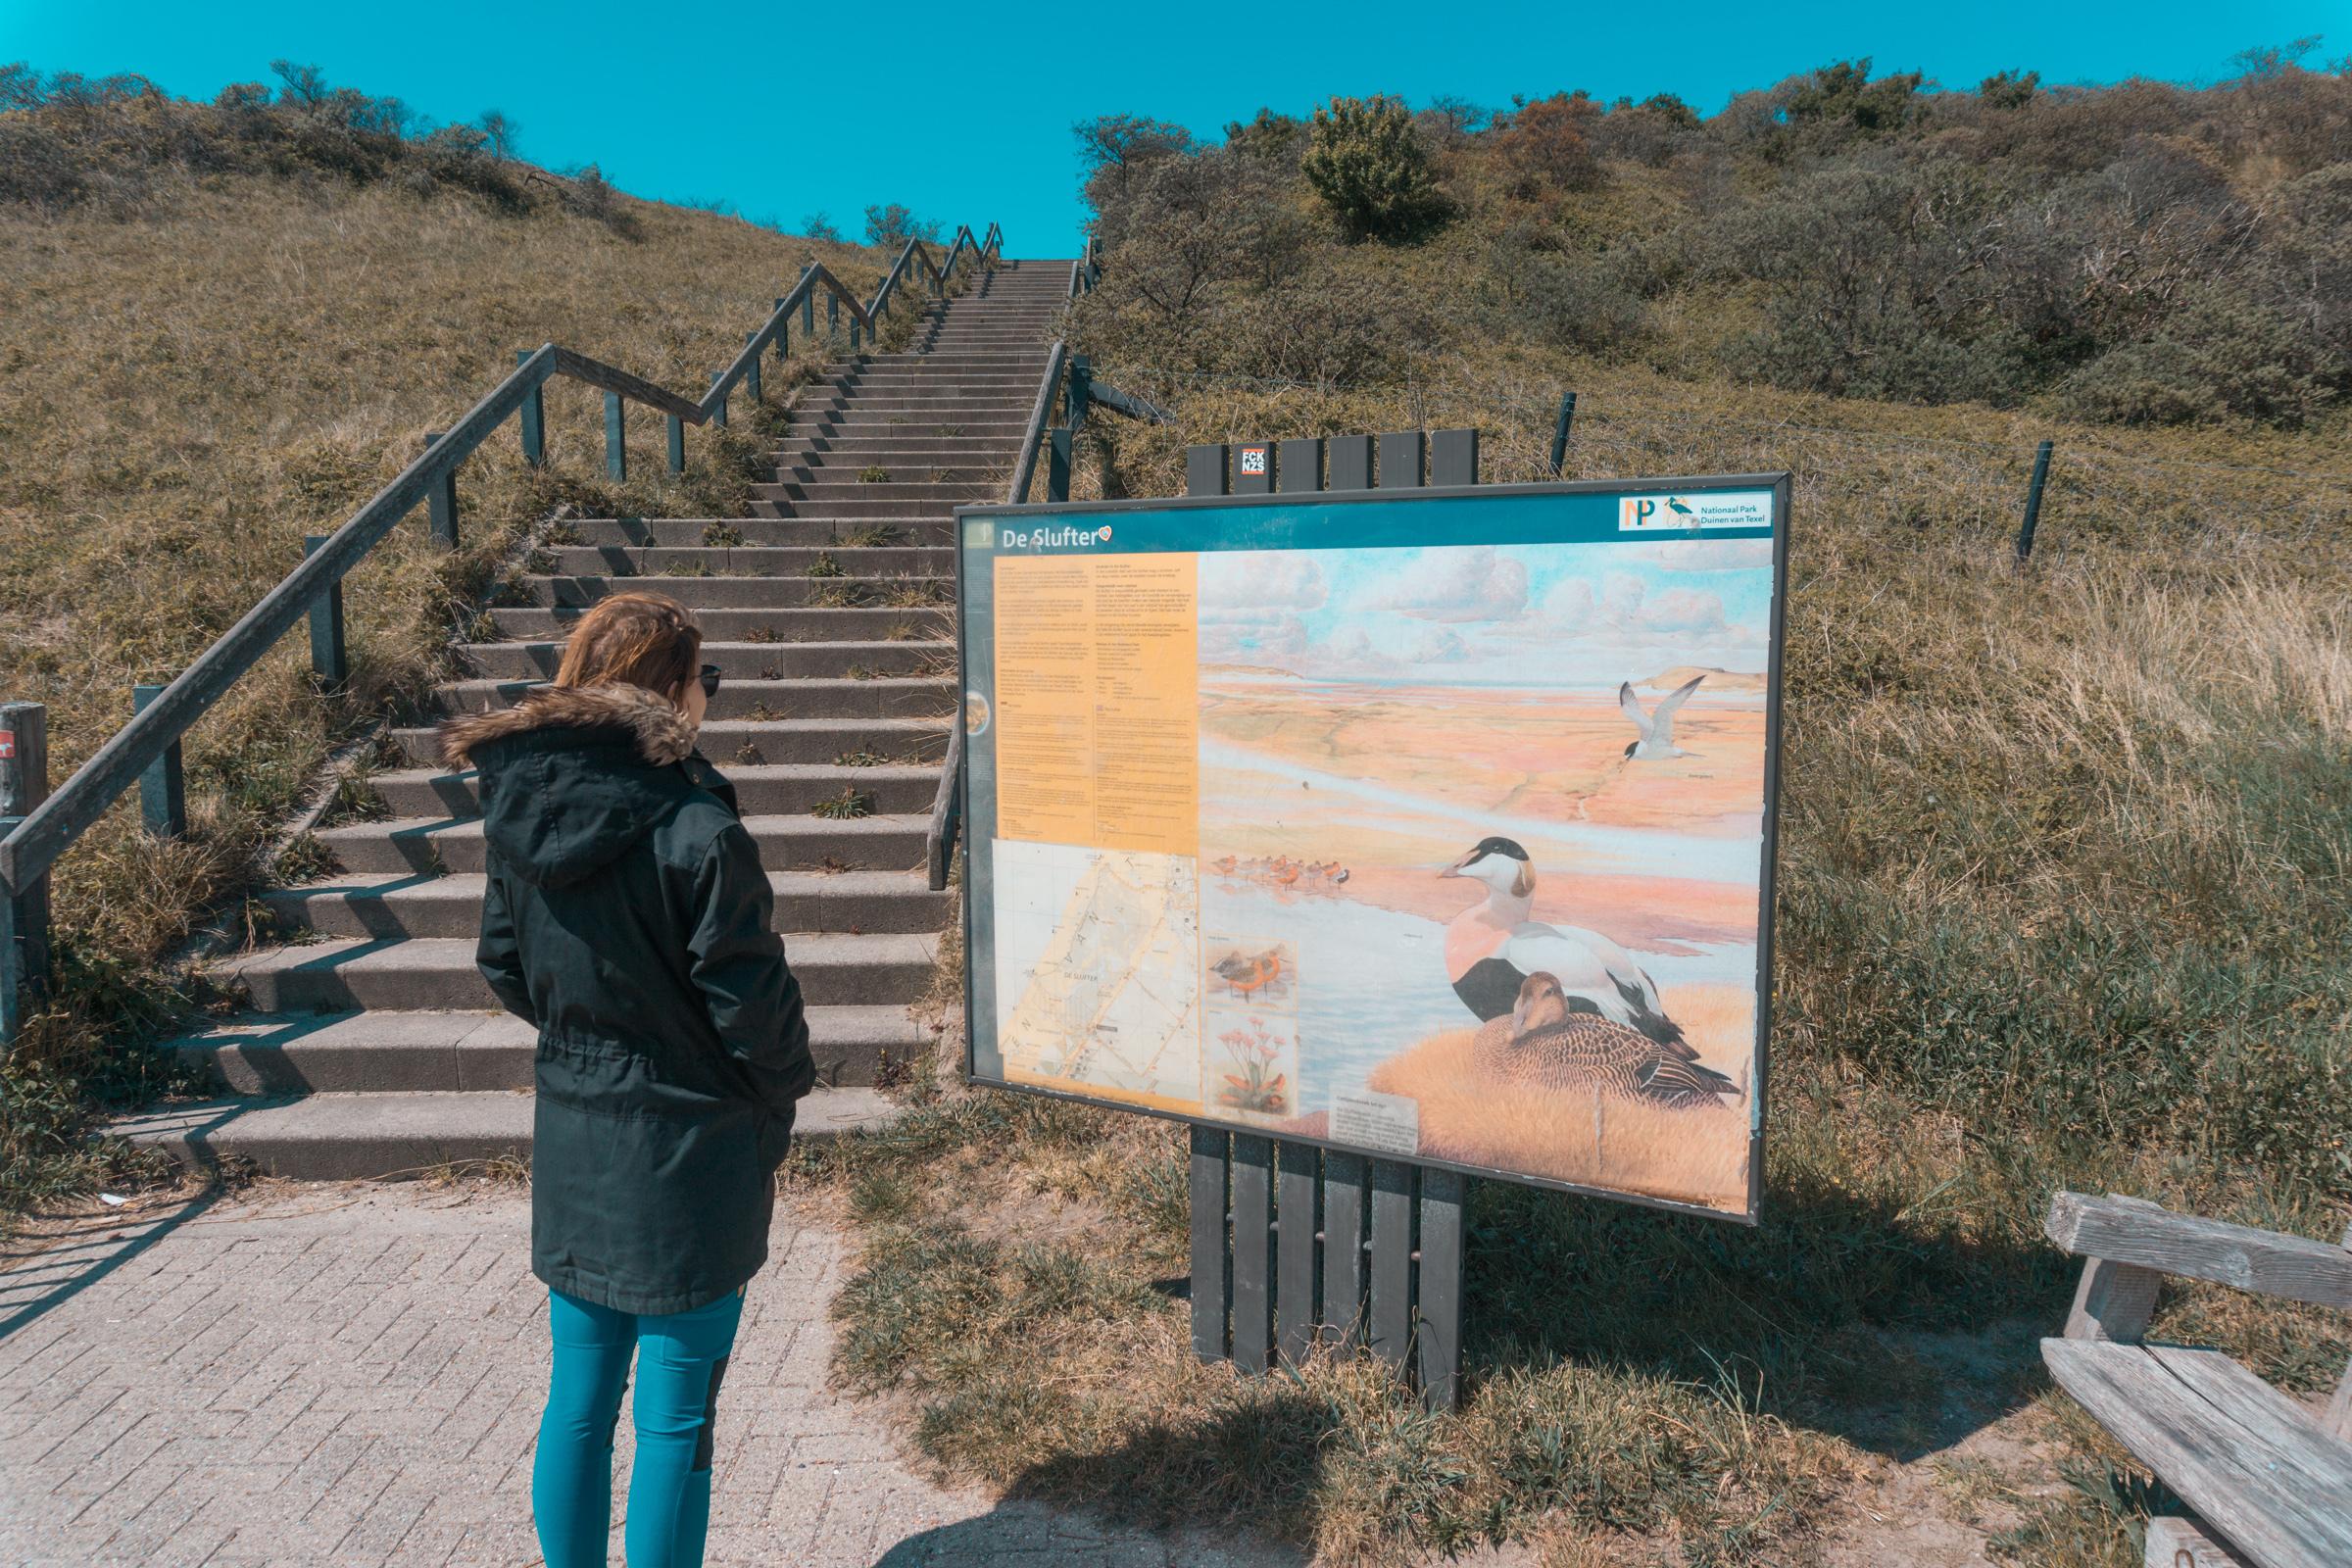 Wandelroute bij De Slufter VVV Texel fotograaf Kaz Paul